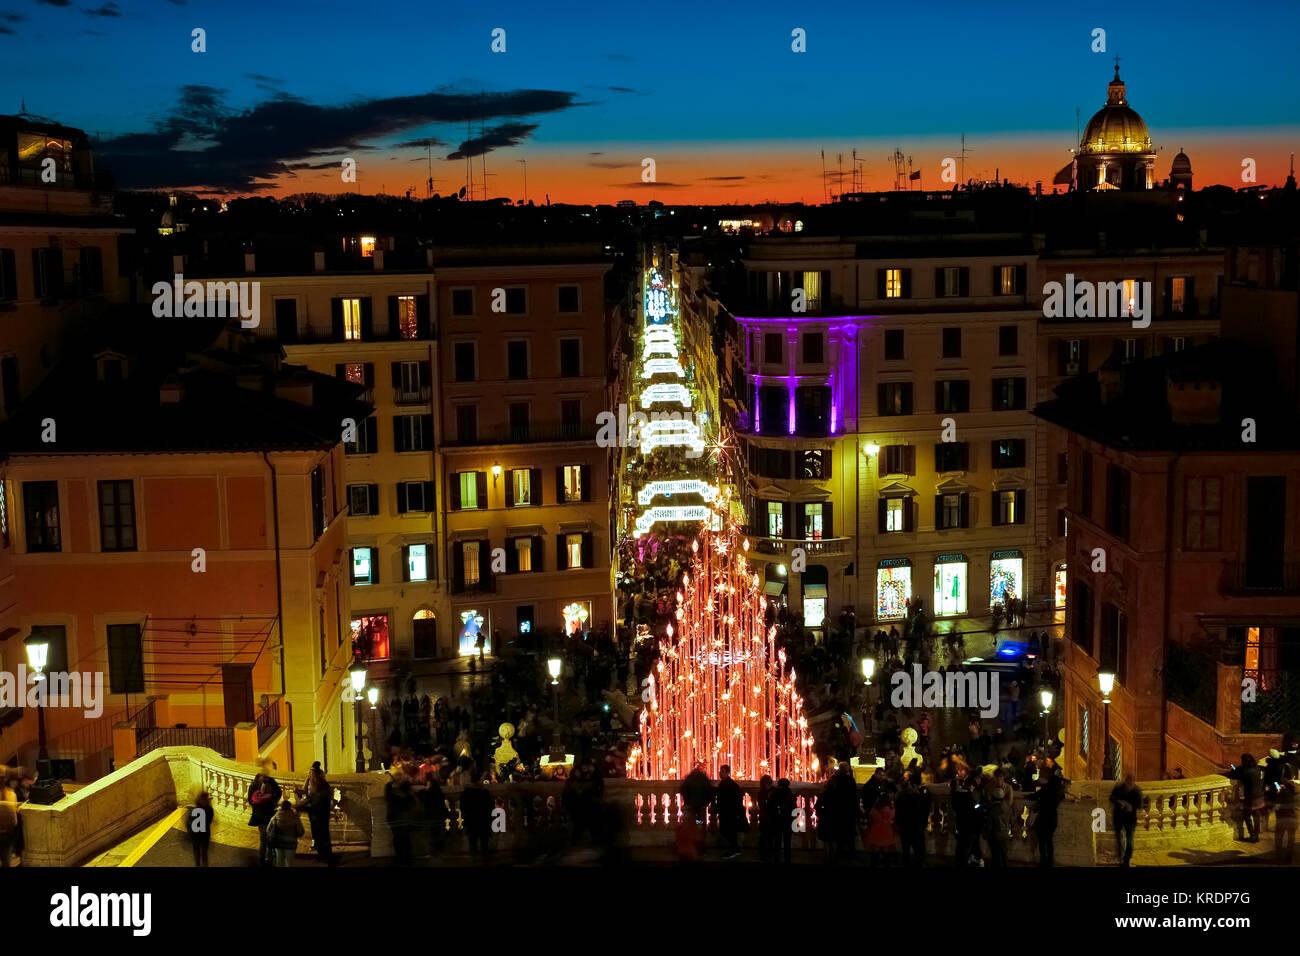 2a3674ec664 Il tempo di Natale. Le luci a led albero di Natale. Trinità dei Monti, Piazza  di Spagna e Via Condotti. Cielo di tramonto.